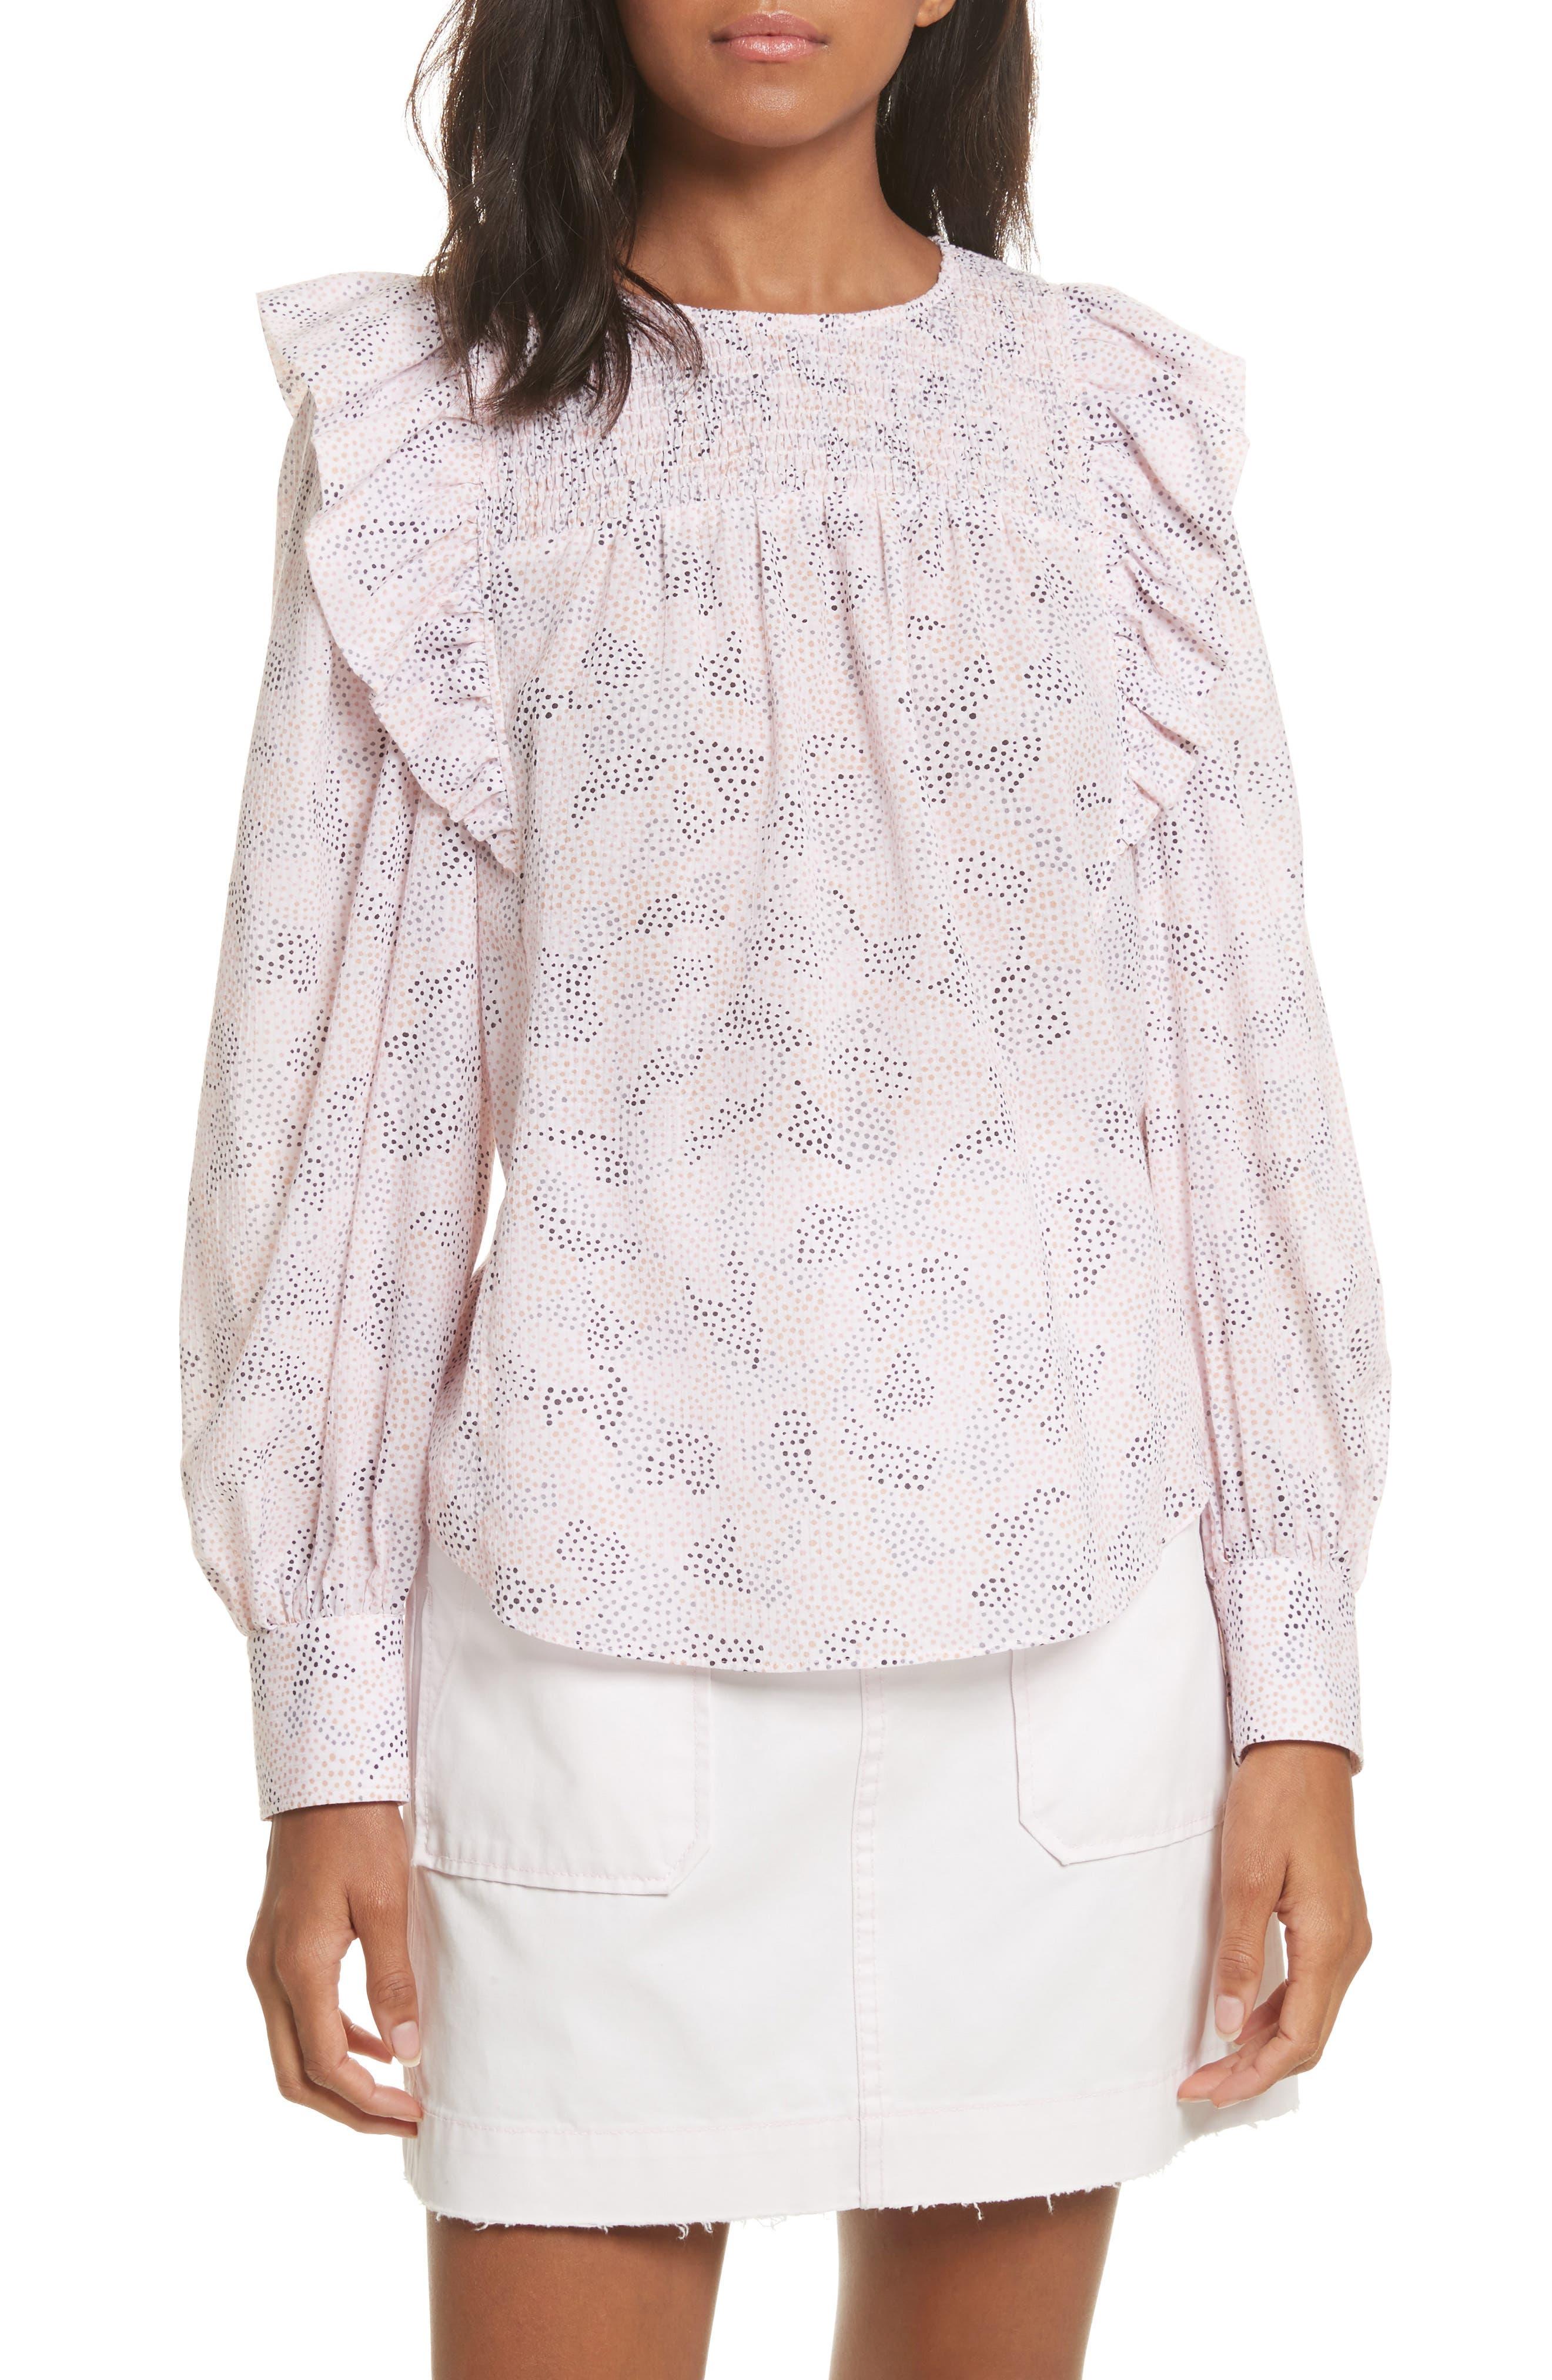 Darcie Dot Top,                         Main,                         color, Cherry Blossom